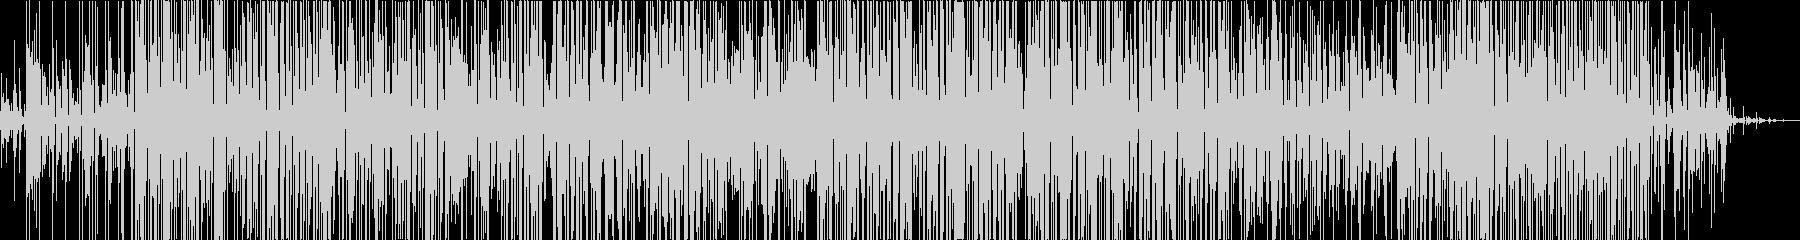 無感情なイメージのエクスペリメンタルの未再生の波形